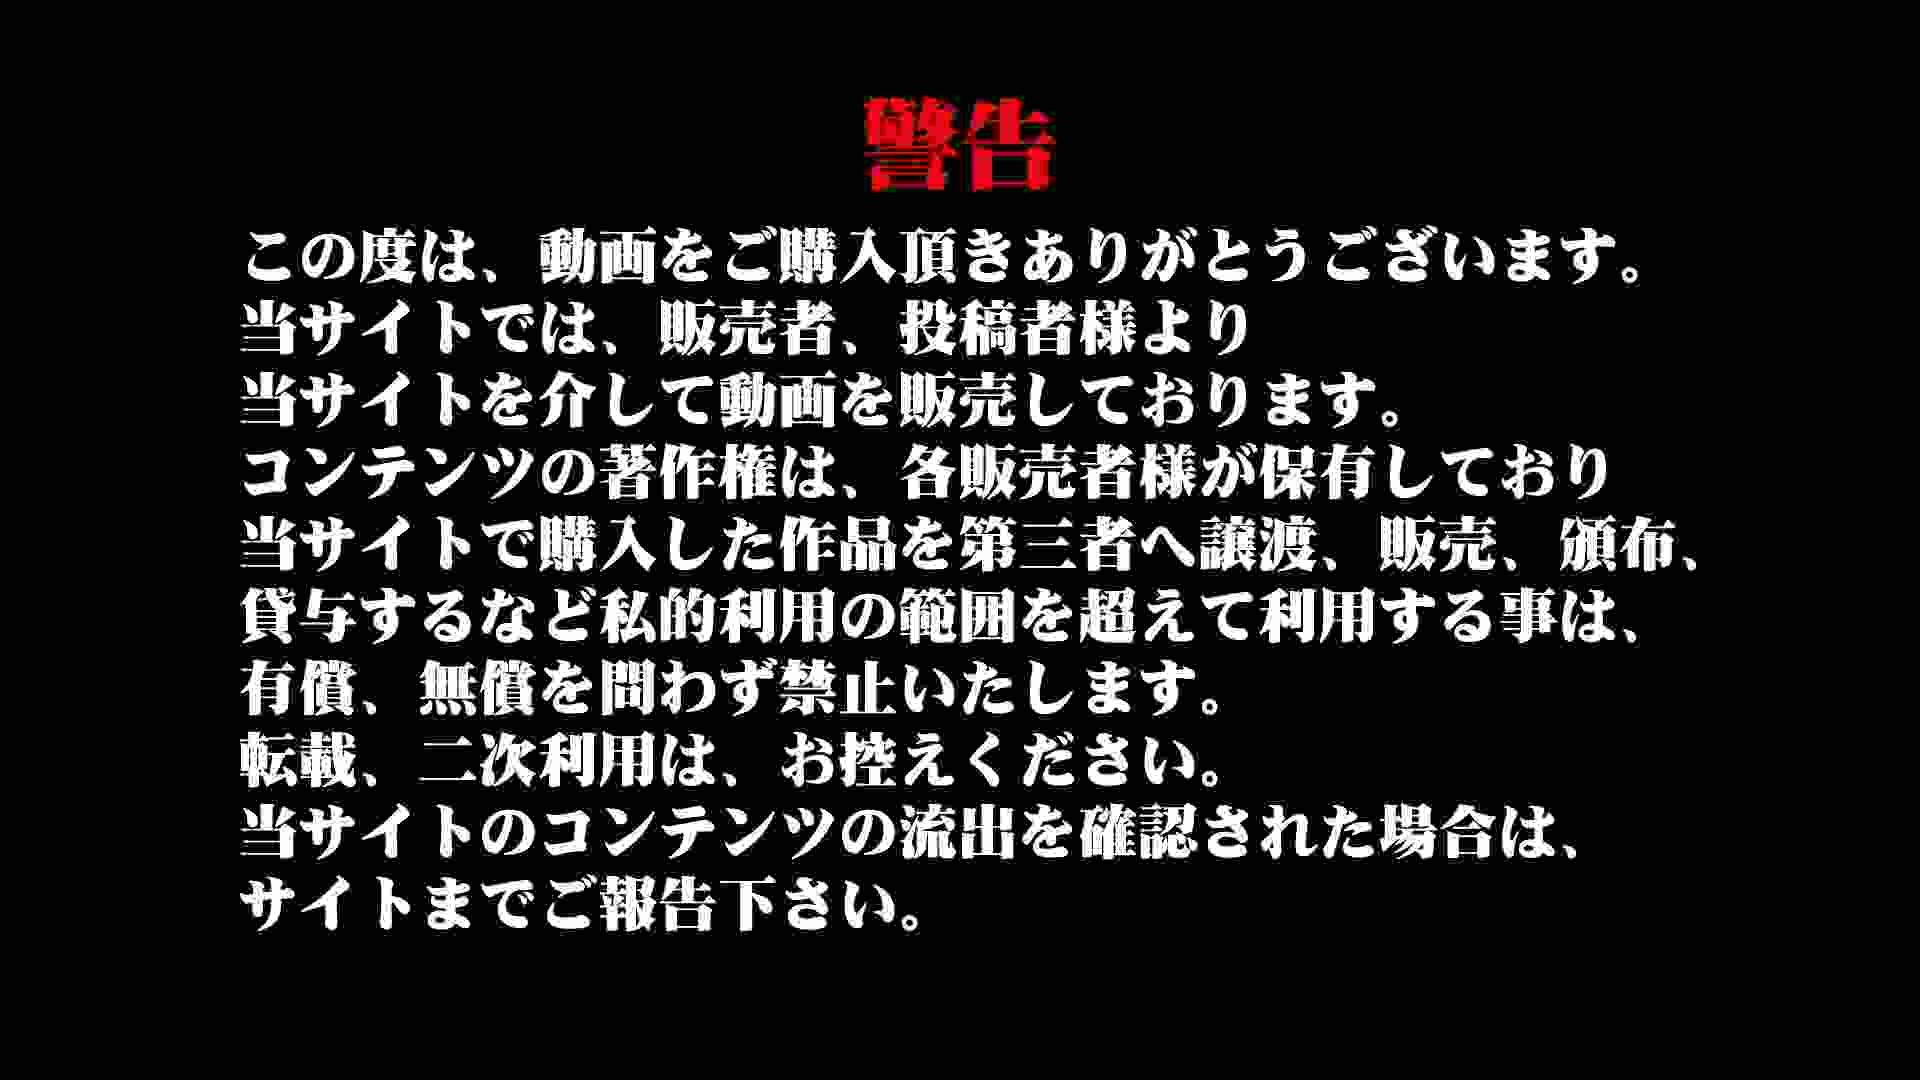 Aquaな露天風呂Vol.906 盗撮 | 露天  92画像 1